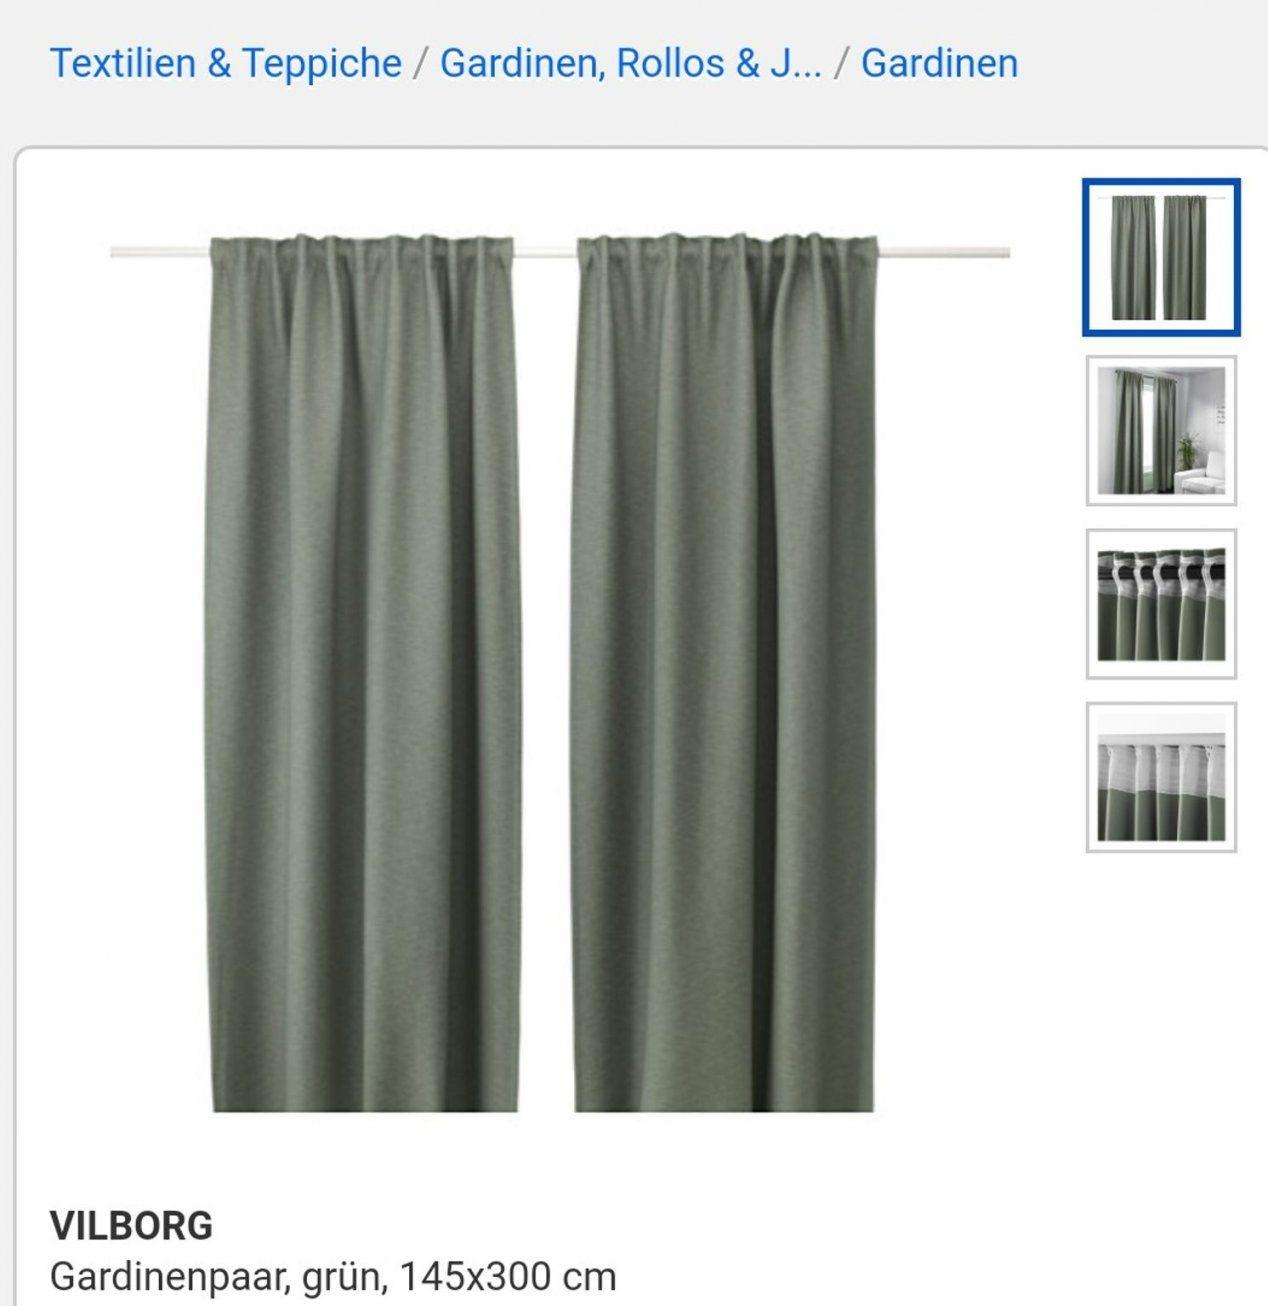 Gebraucht Ikea Vilborg Vorhang Grün In 1220 Wien Um € 3900 – Shpock von Ikea Gardinen Grün Photo